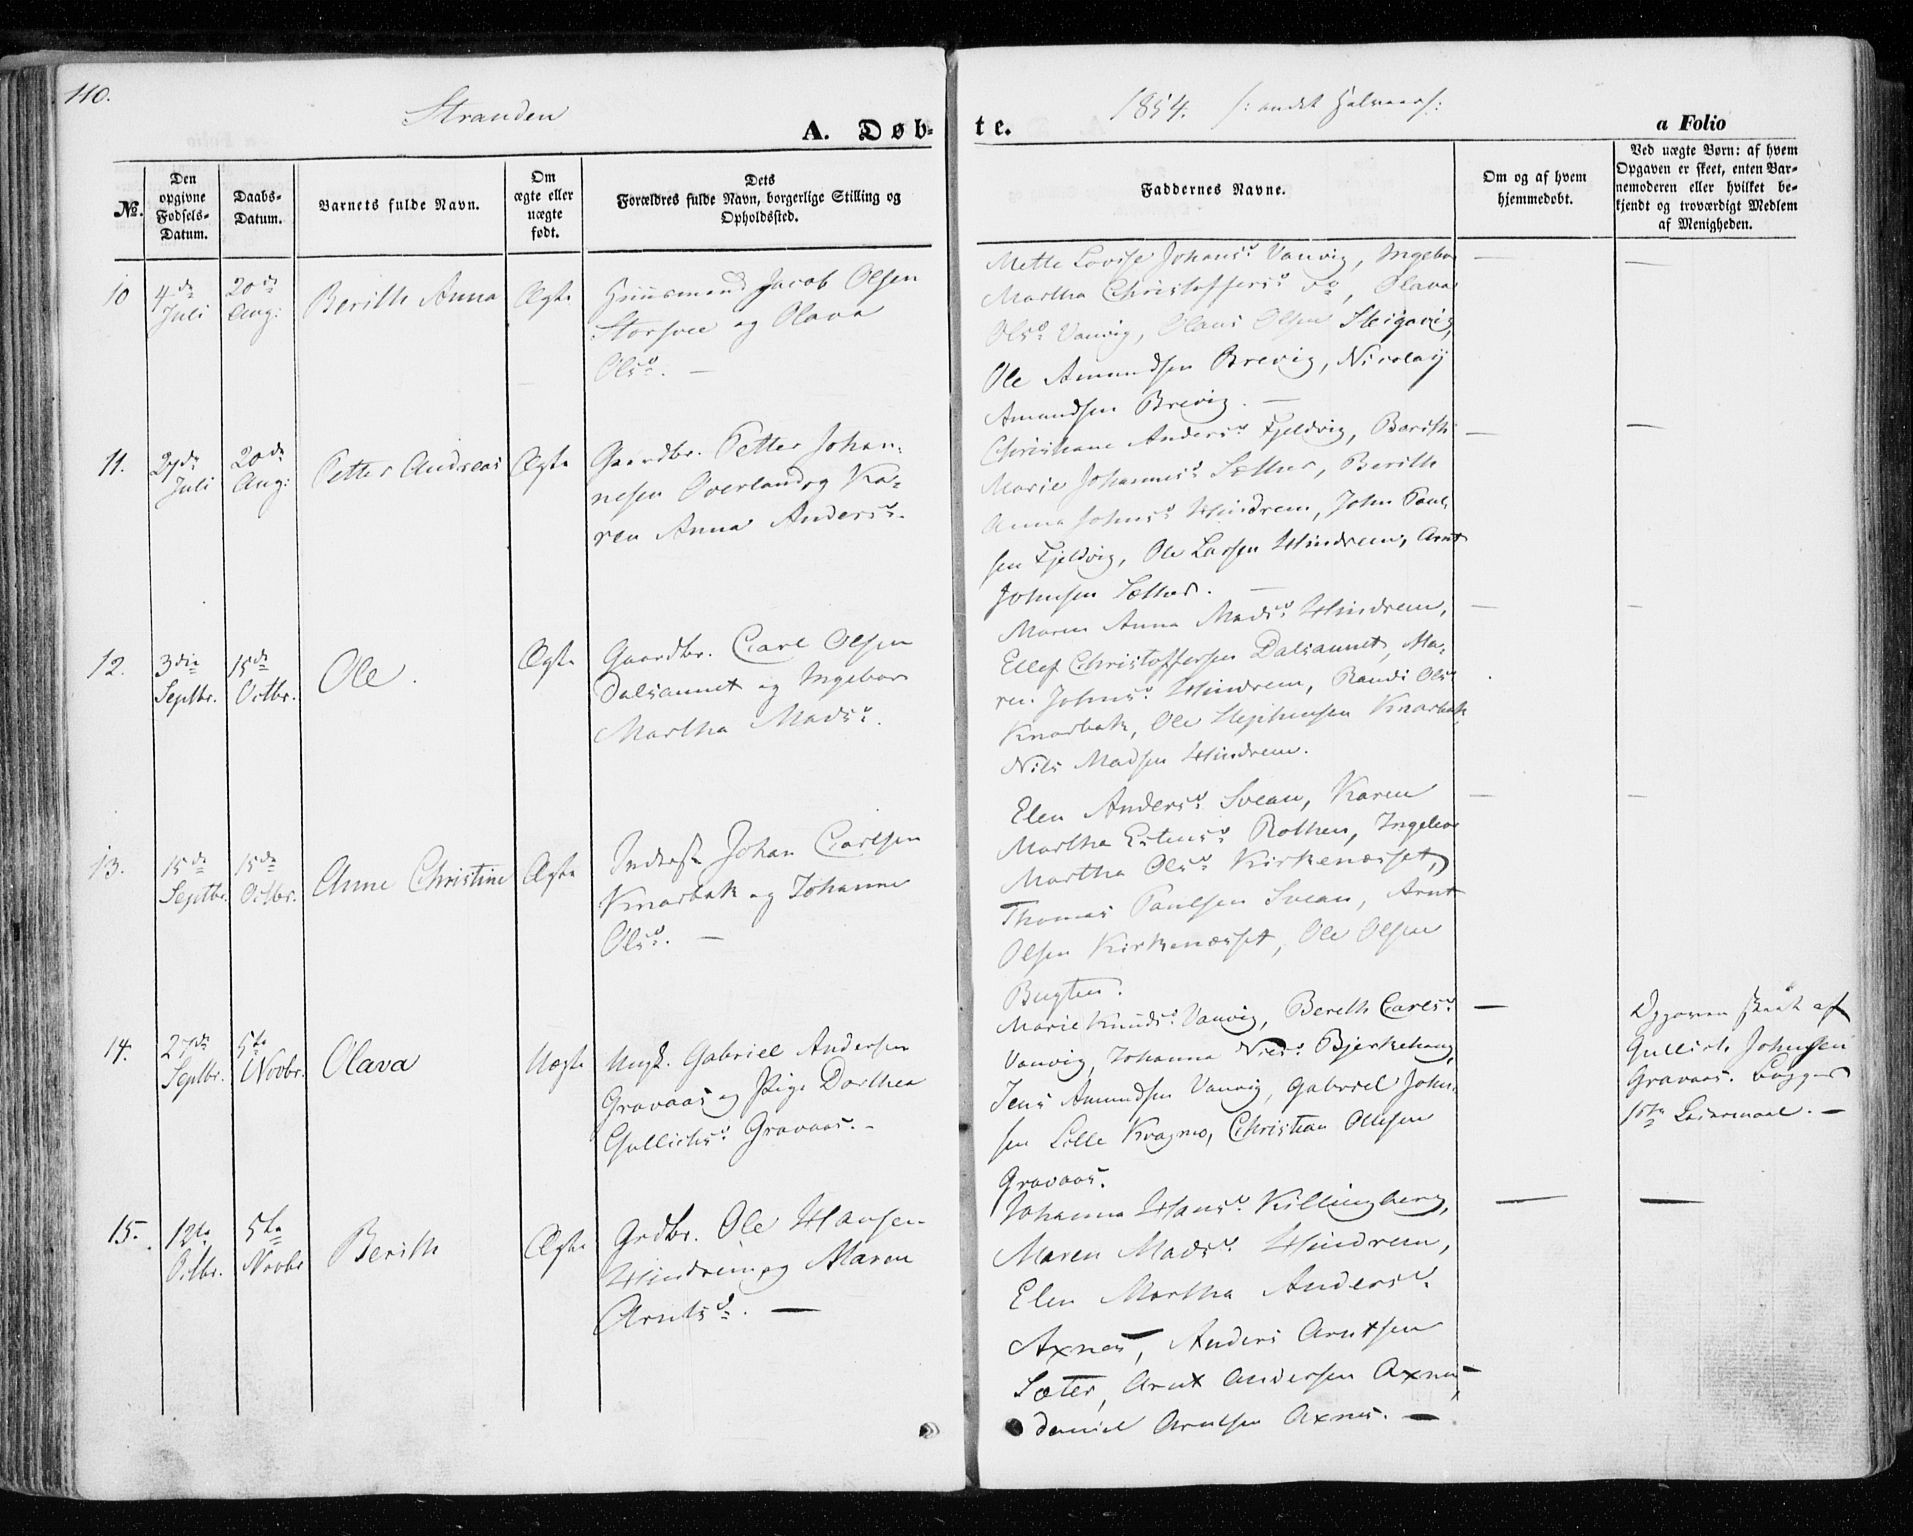 SAT, Ministerialprotokoller, klokkerbøker og fødselsregistre - Nord-Trøndelag, 701/L0008: Ministerialbok nr. 701A08 /2, 1854-1863, s. 110